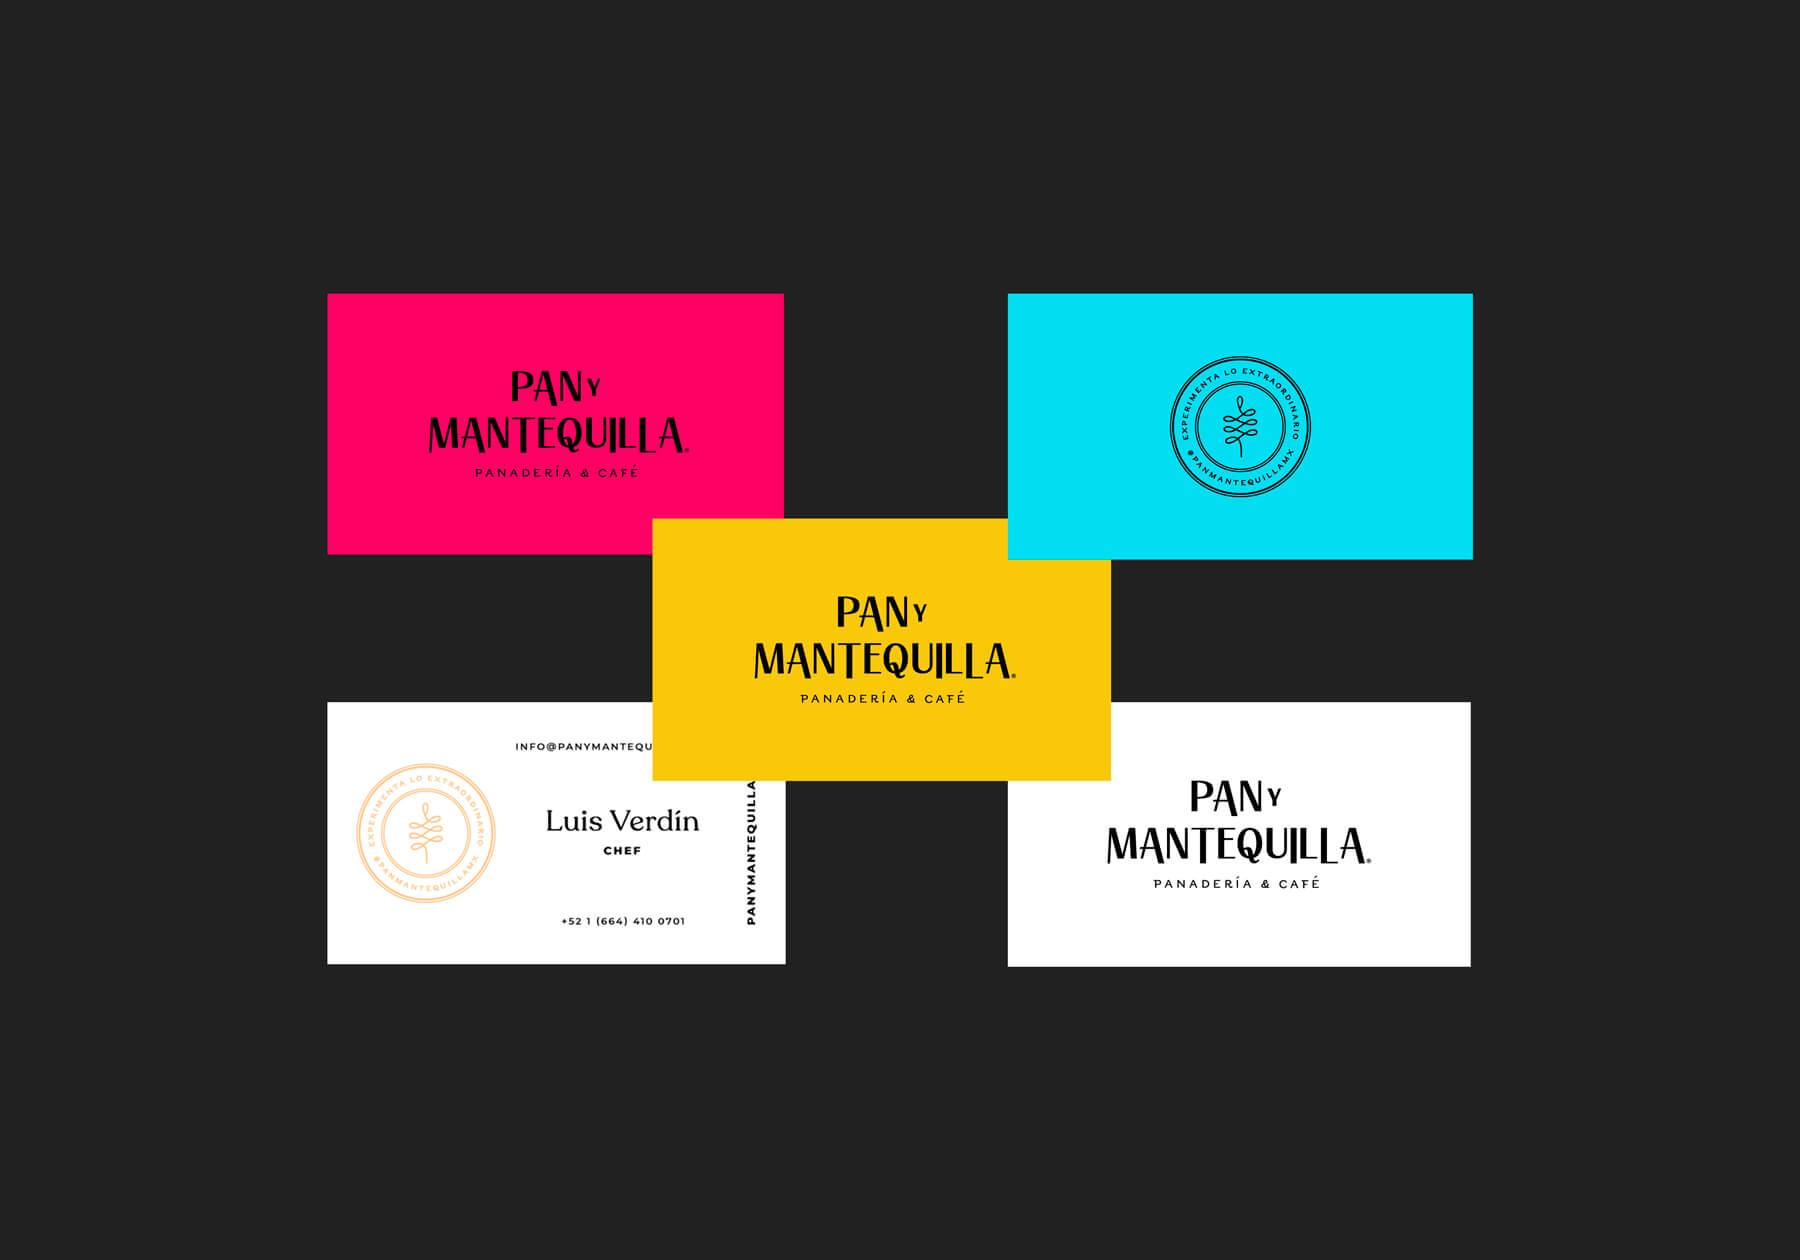 Tarjetas de presentación - Pan y Mantequilla - Identidad Visual - Pamela Machado Portafolio